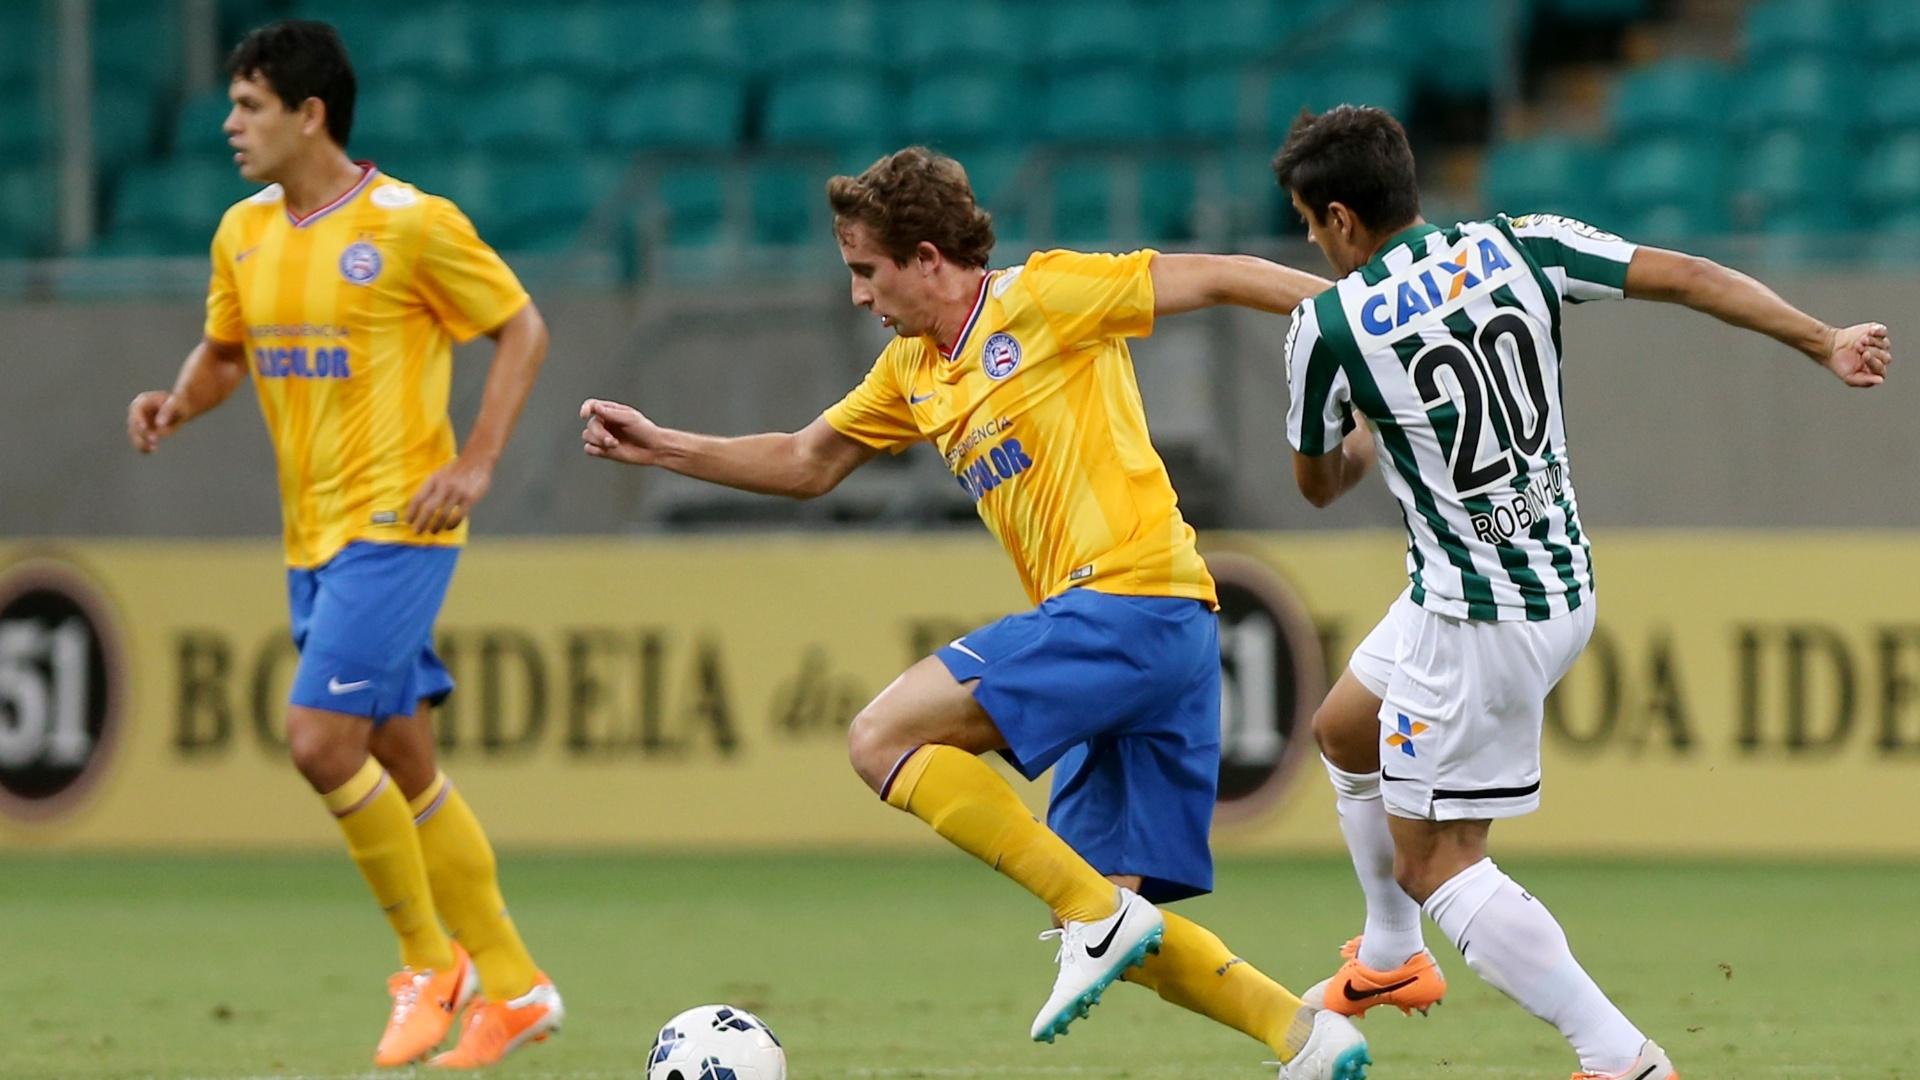 Rafael Miranda escapa da marcação do Coritiba em jogo do Bahia pelo Brasileirão